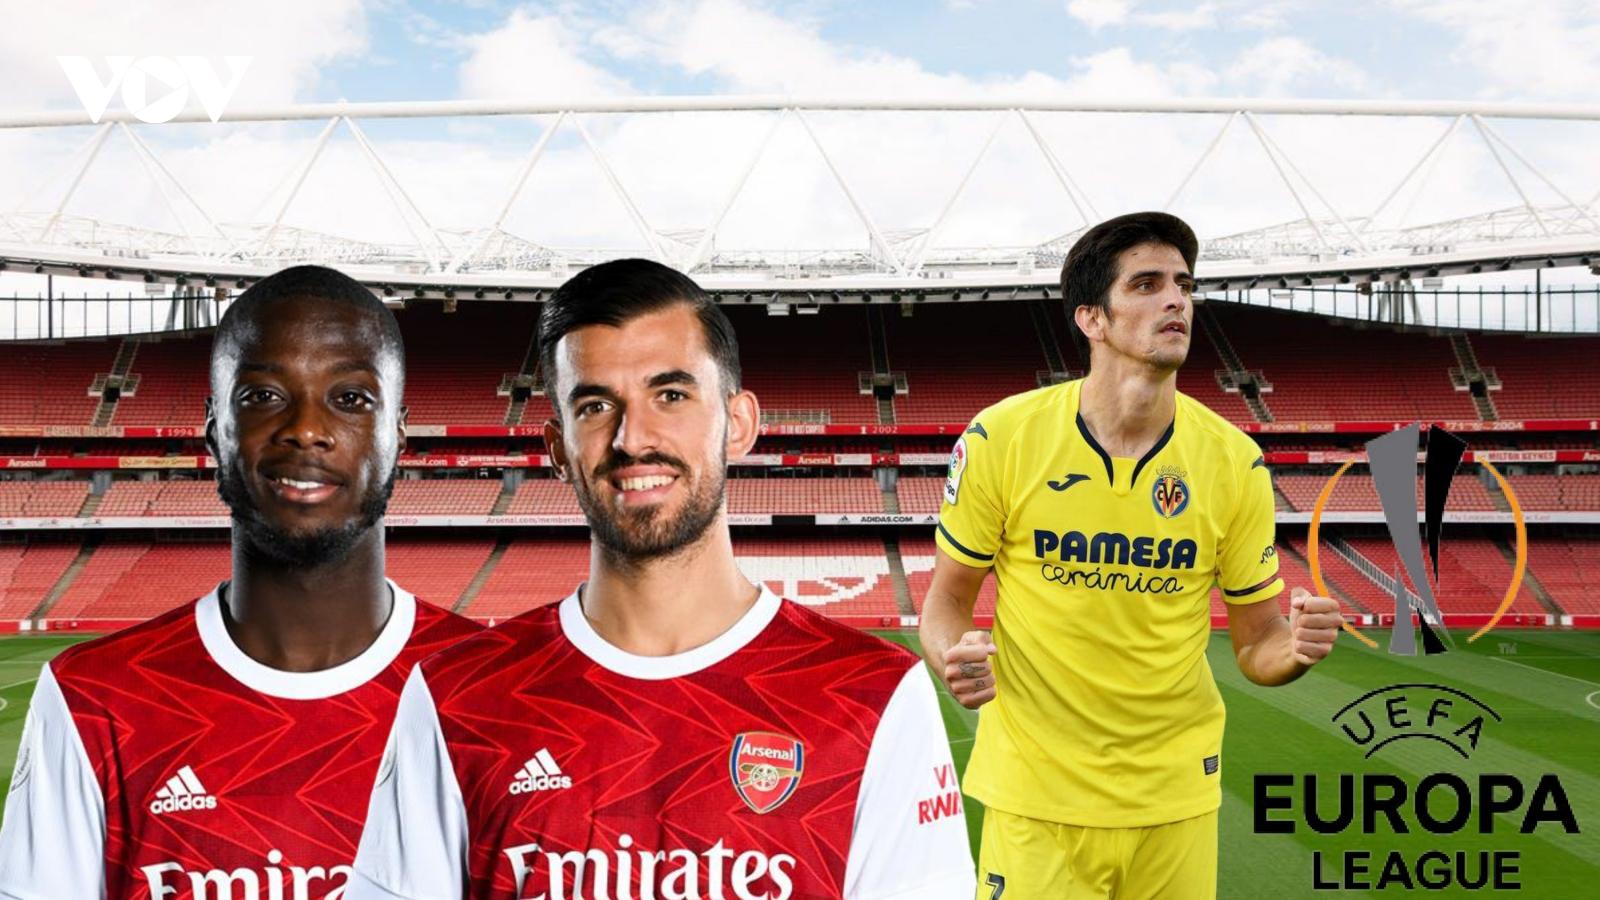 Dự đoán kết quả, đội hình xuất phát trận Arsenal – Villarreal